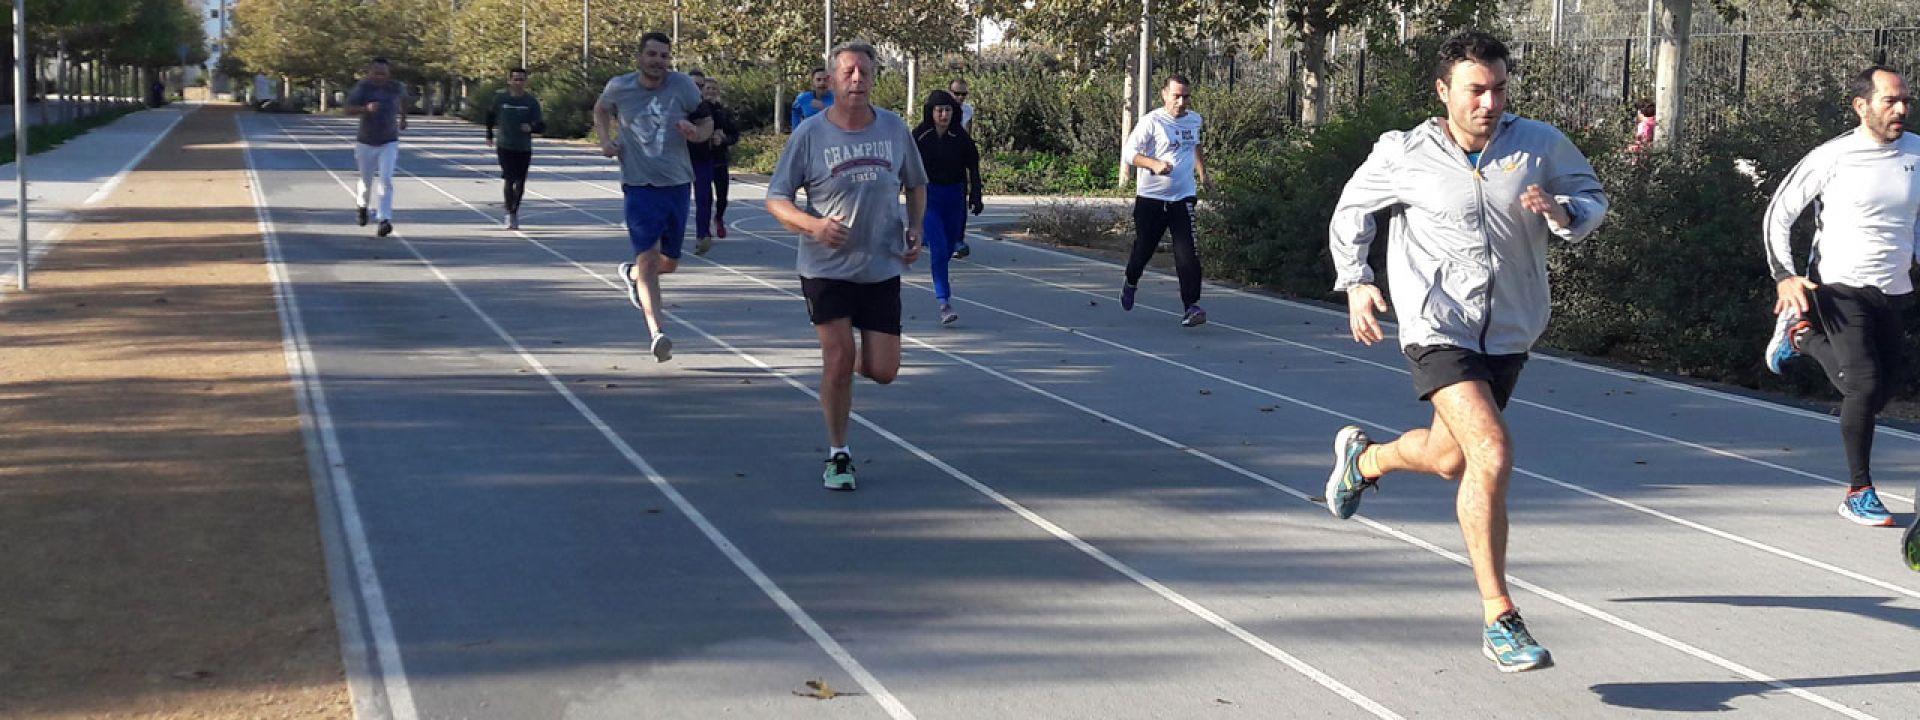 Φωτογραφία από μια ομάδα που εξασκείται στο τρέξιμο στο ΚΠΙΣΝ